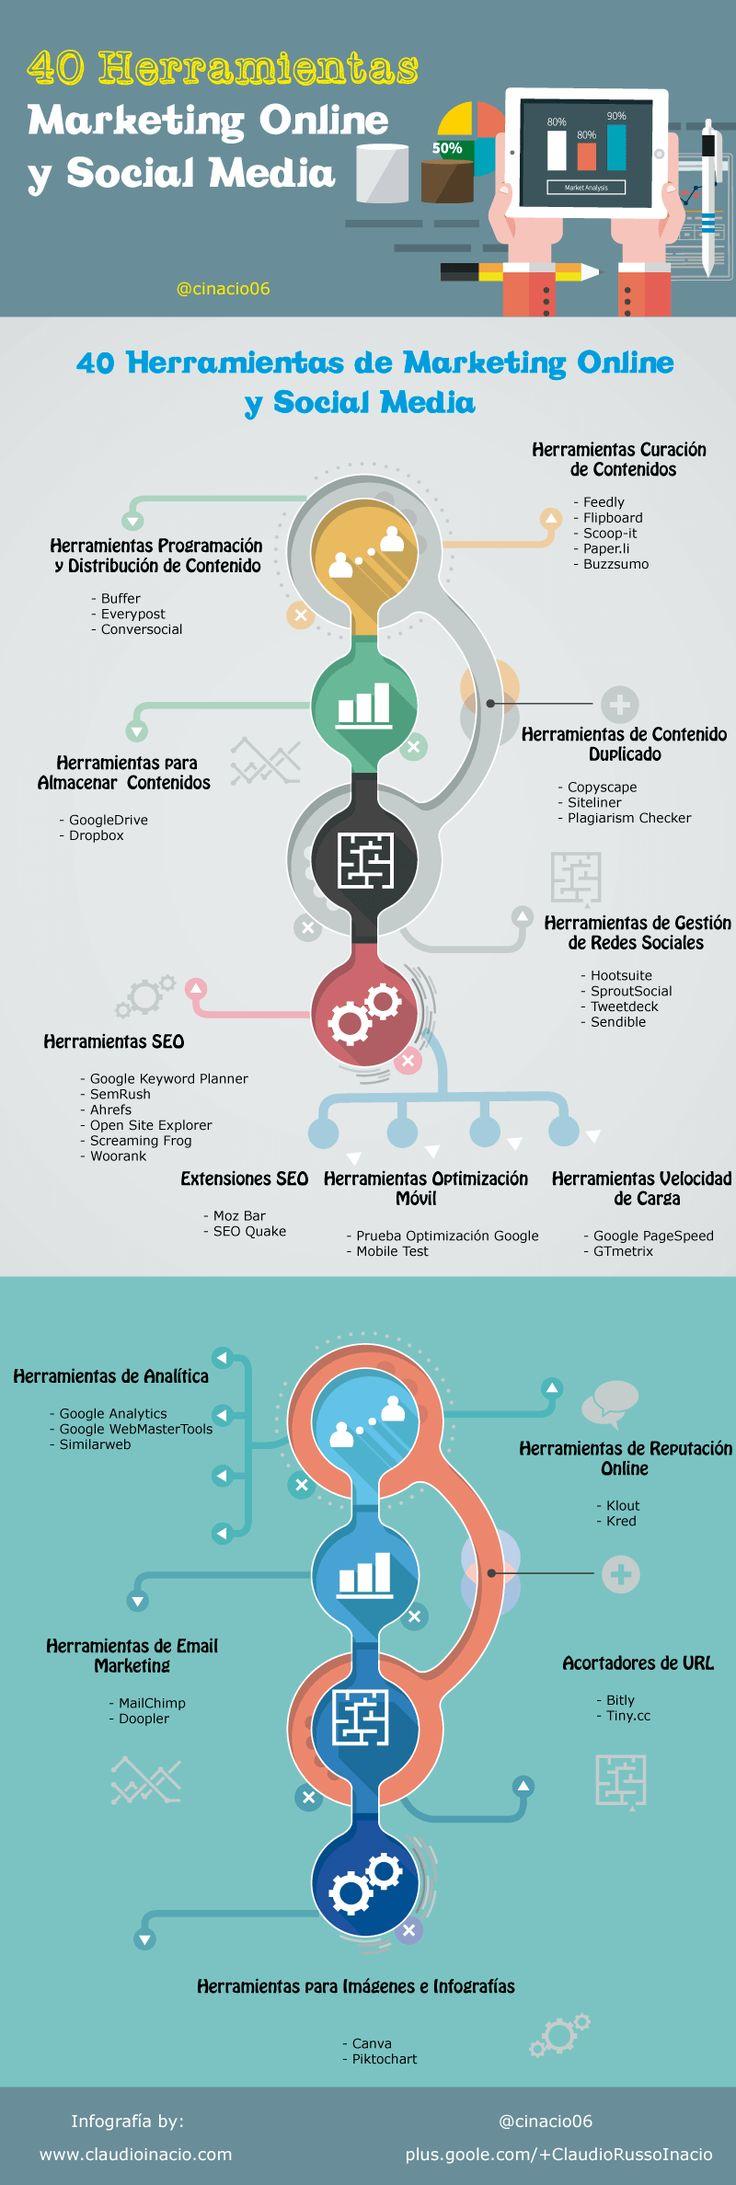 40 herramientas para Marketing Online y Redes Sociales #infografia #socialmedia #marketing